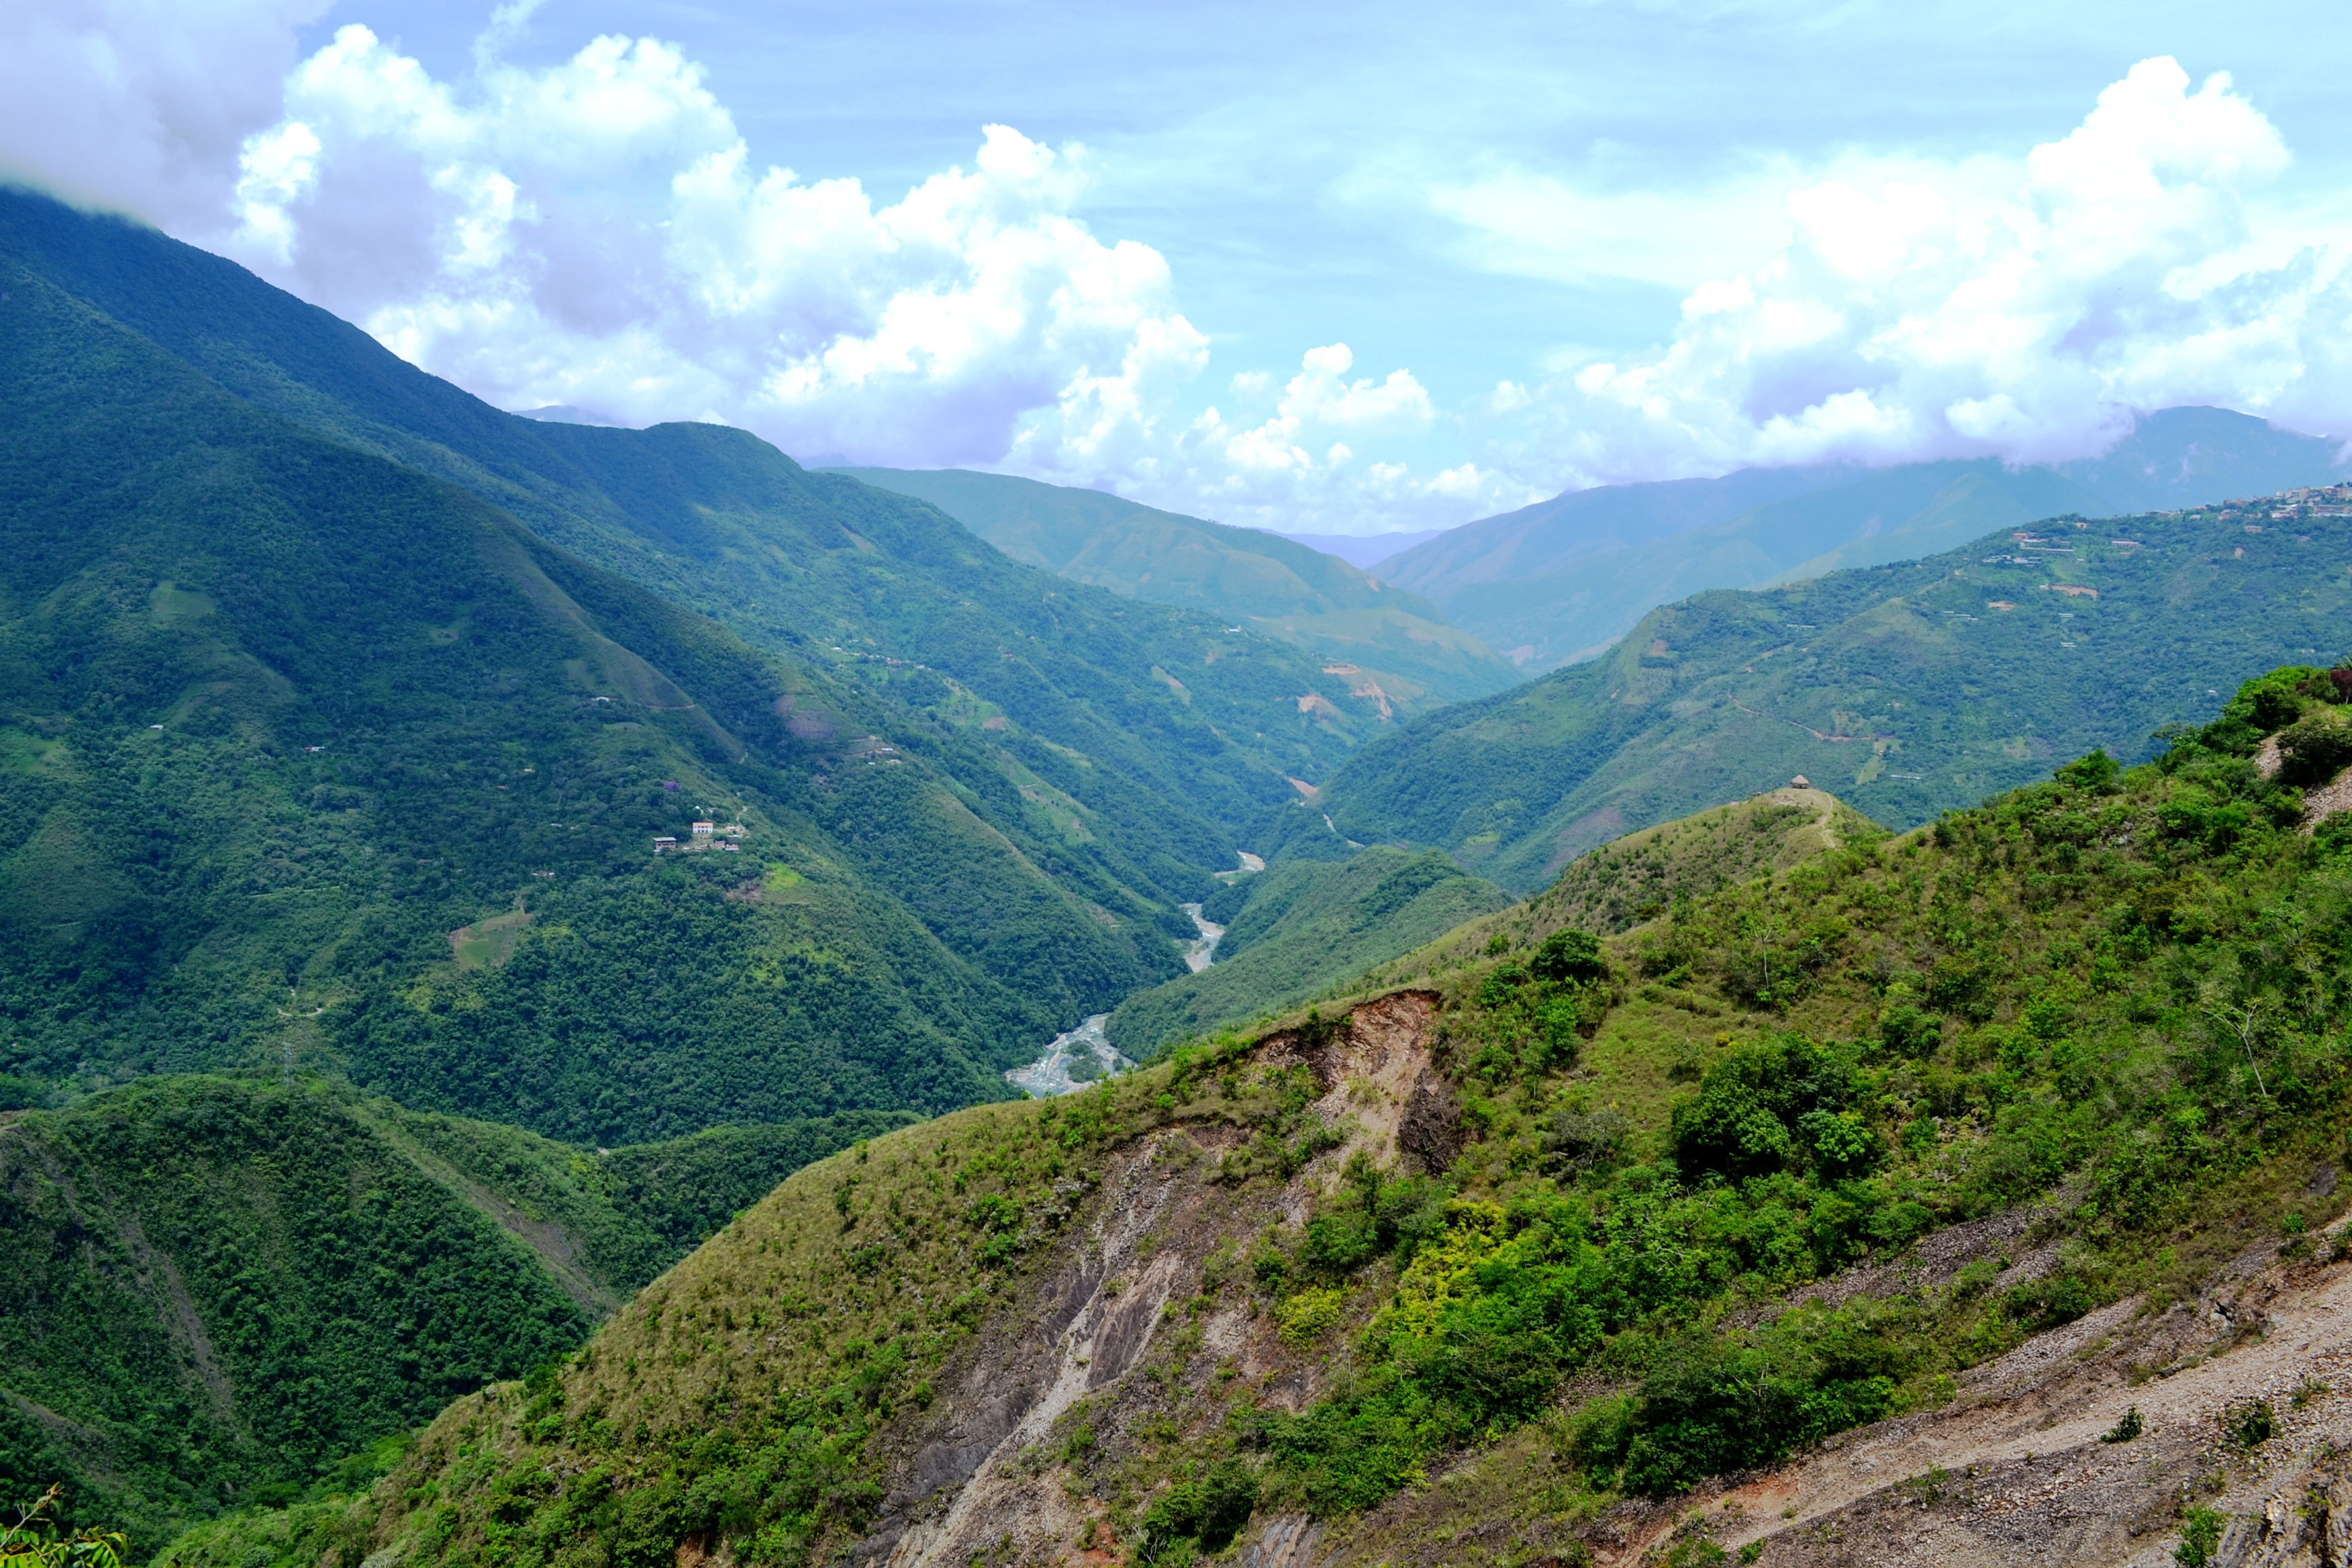 The Amazon Valley